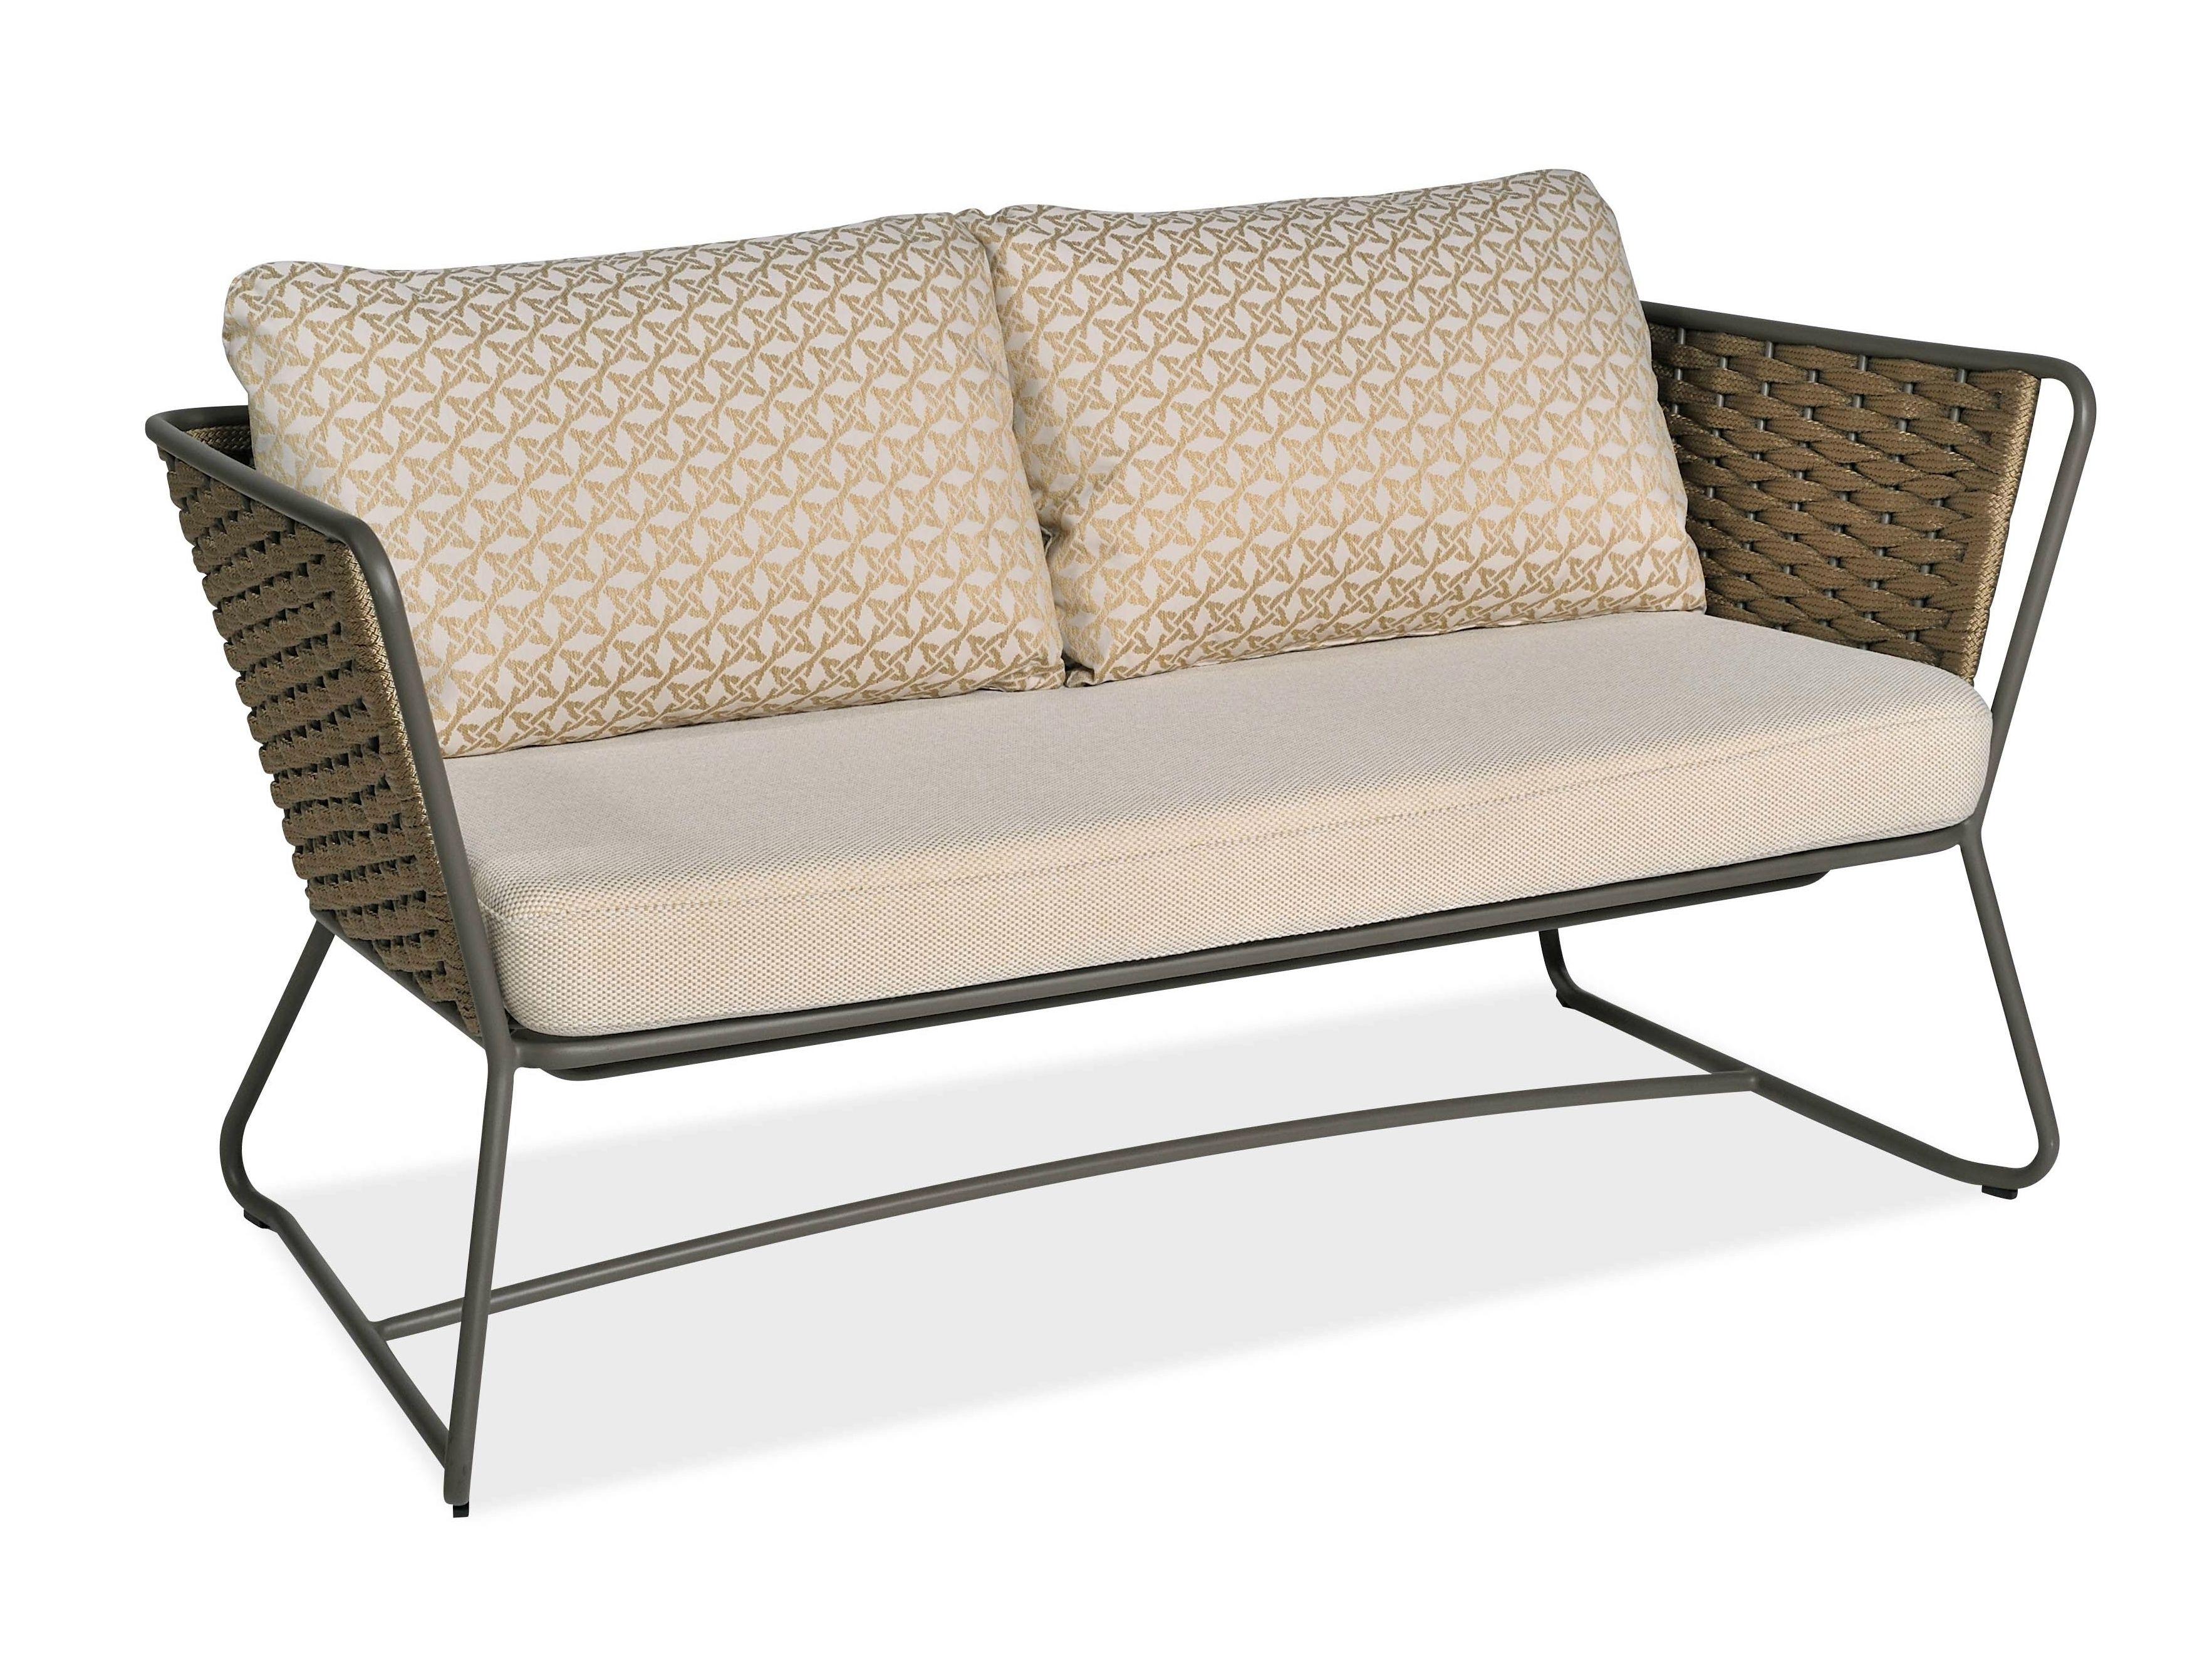 Entzückend 2 Er Sofa Das Beste Von Portofino 2-er By Roberti Rattan Design Santiago